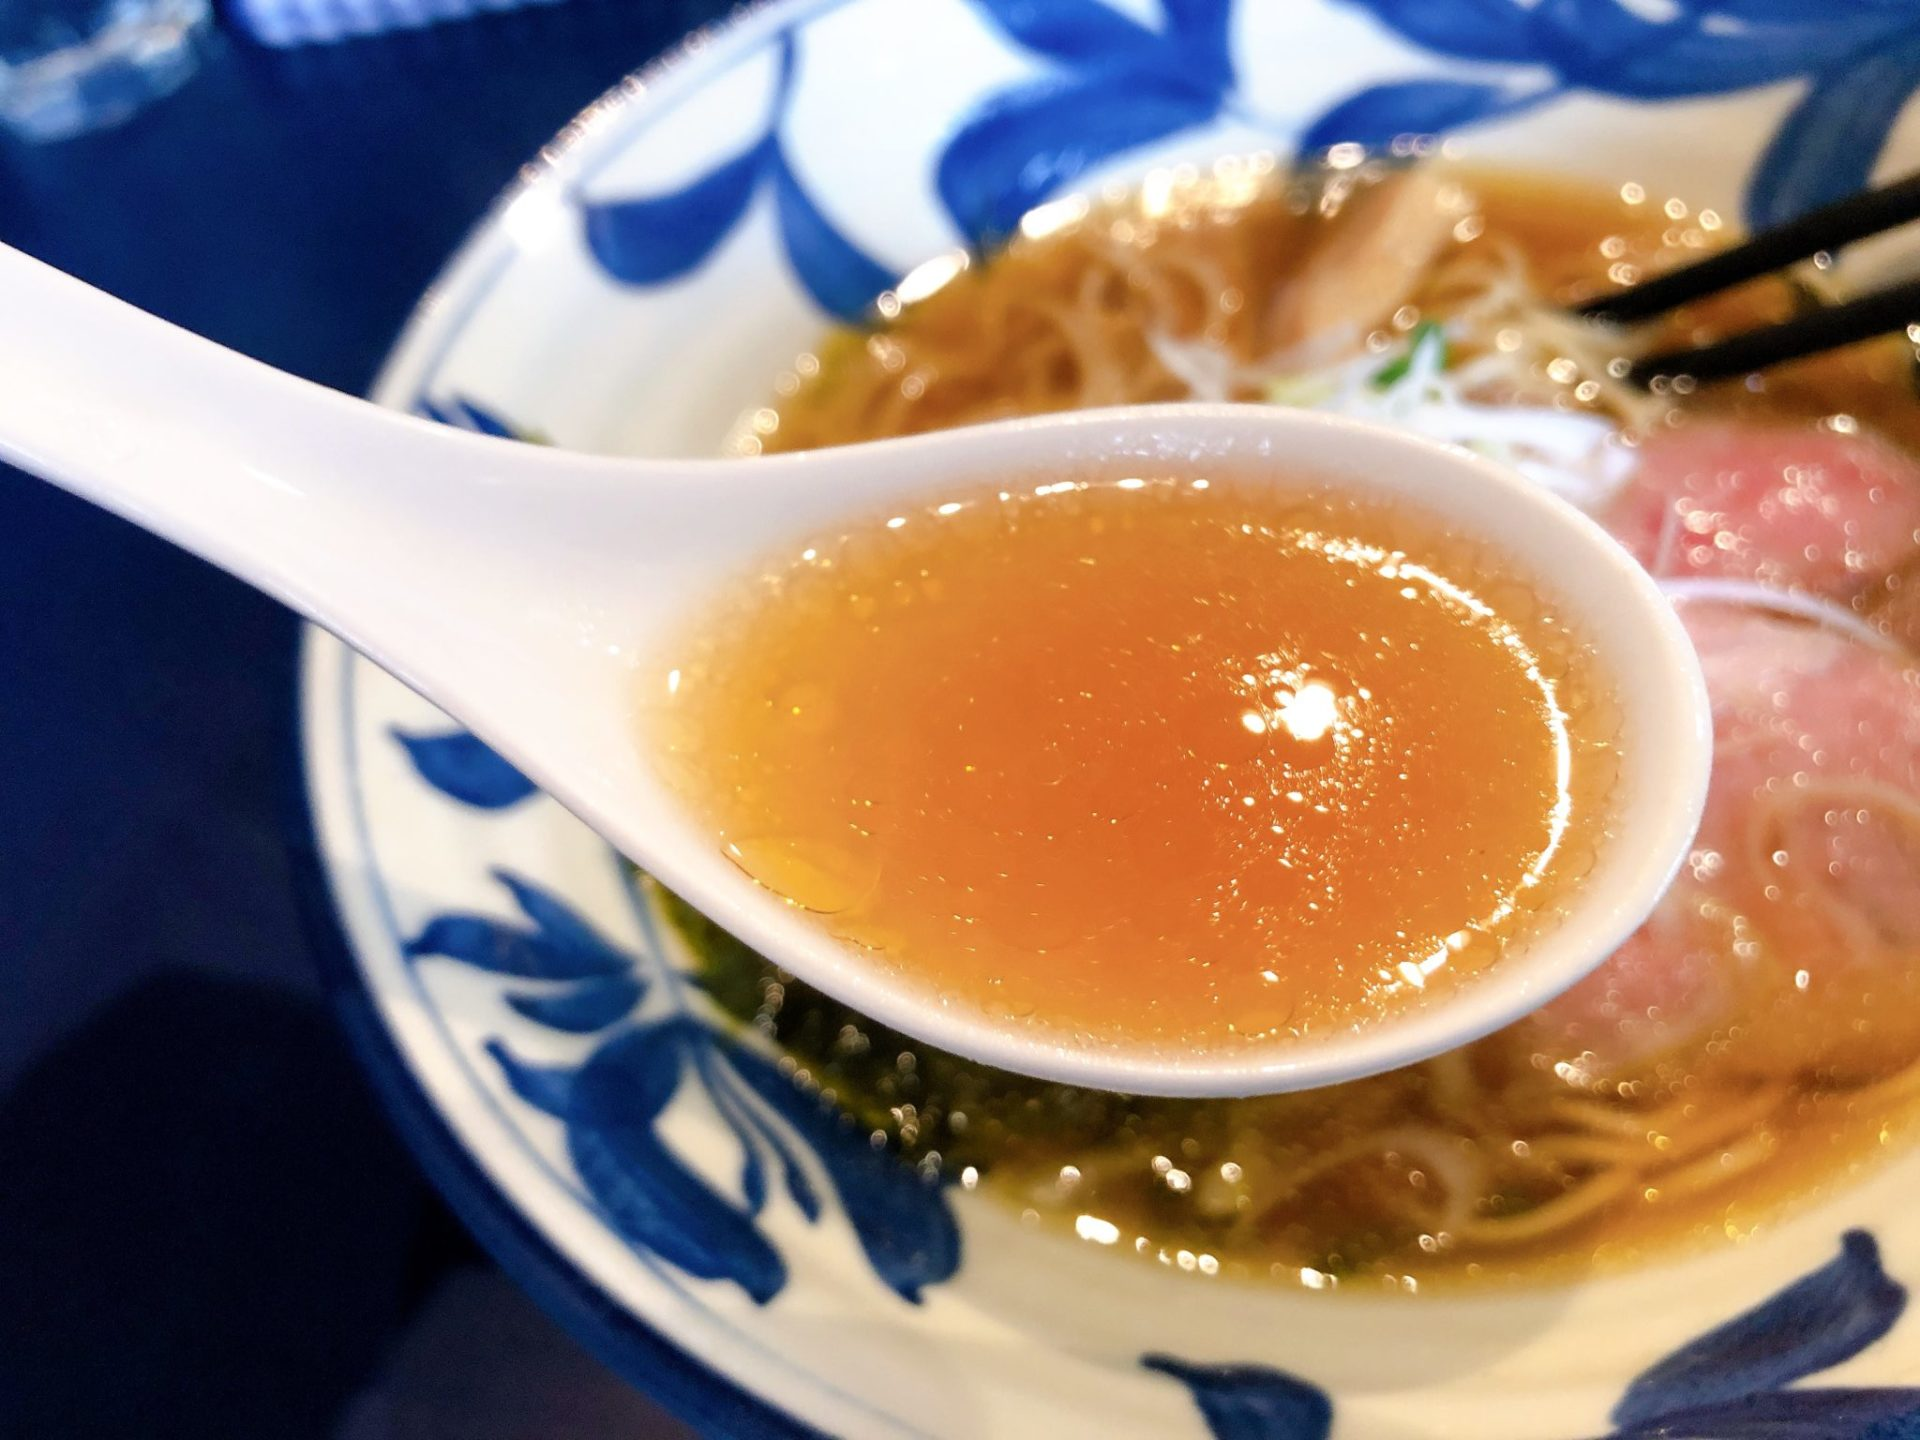 梅ヶ丘の支那そばや 世田谷磯野の醤油スープ